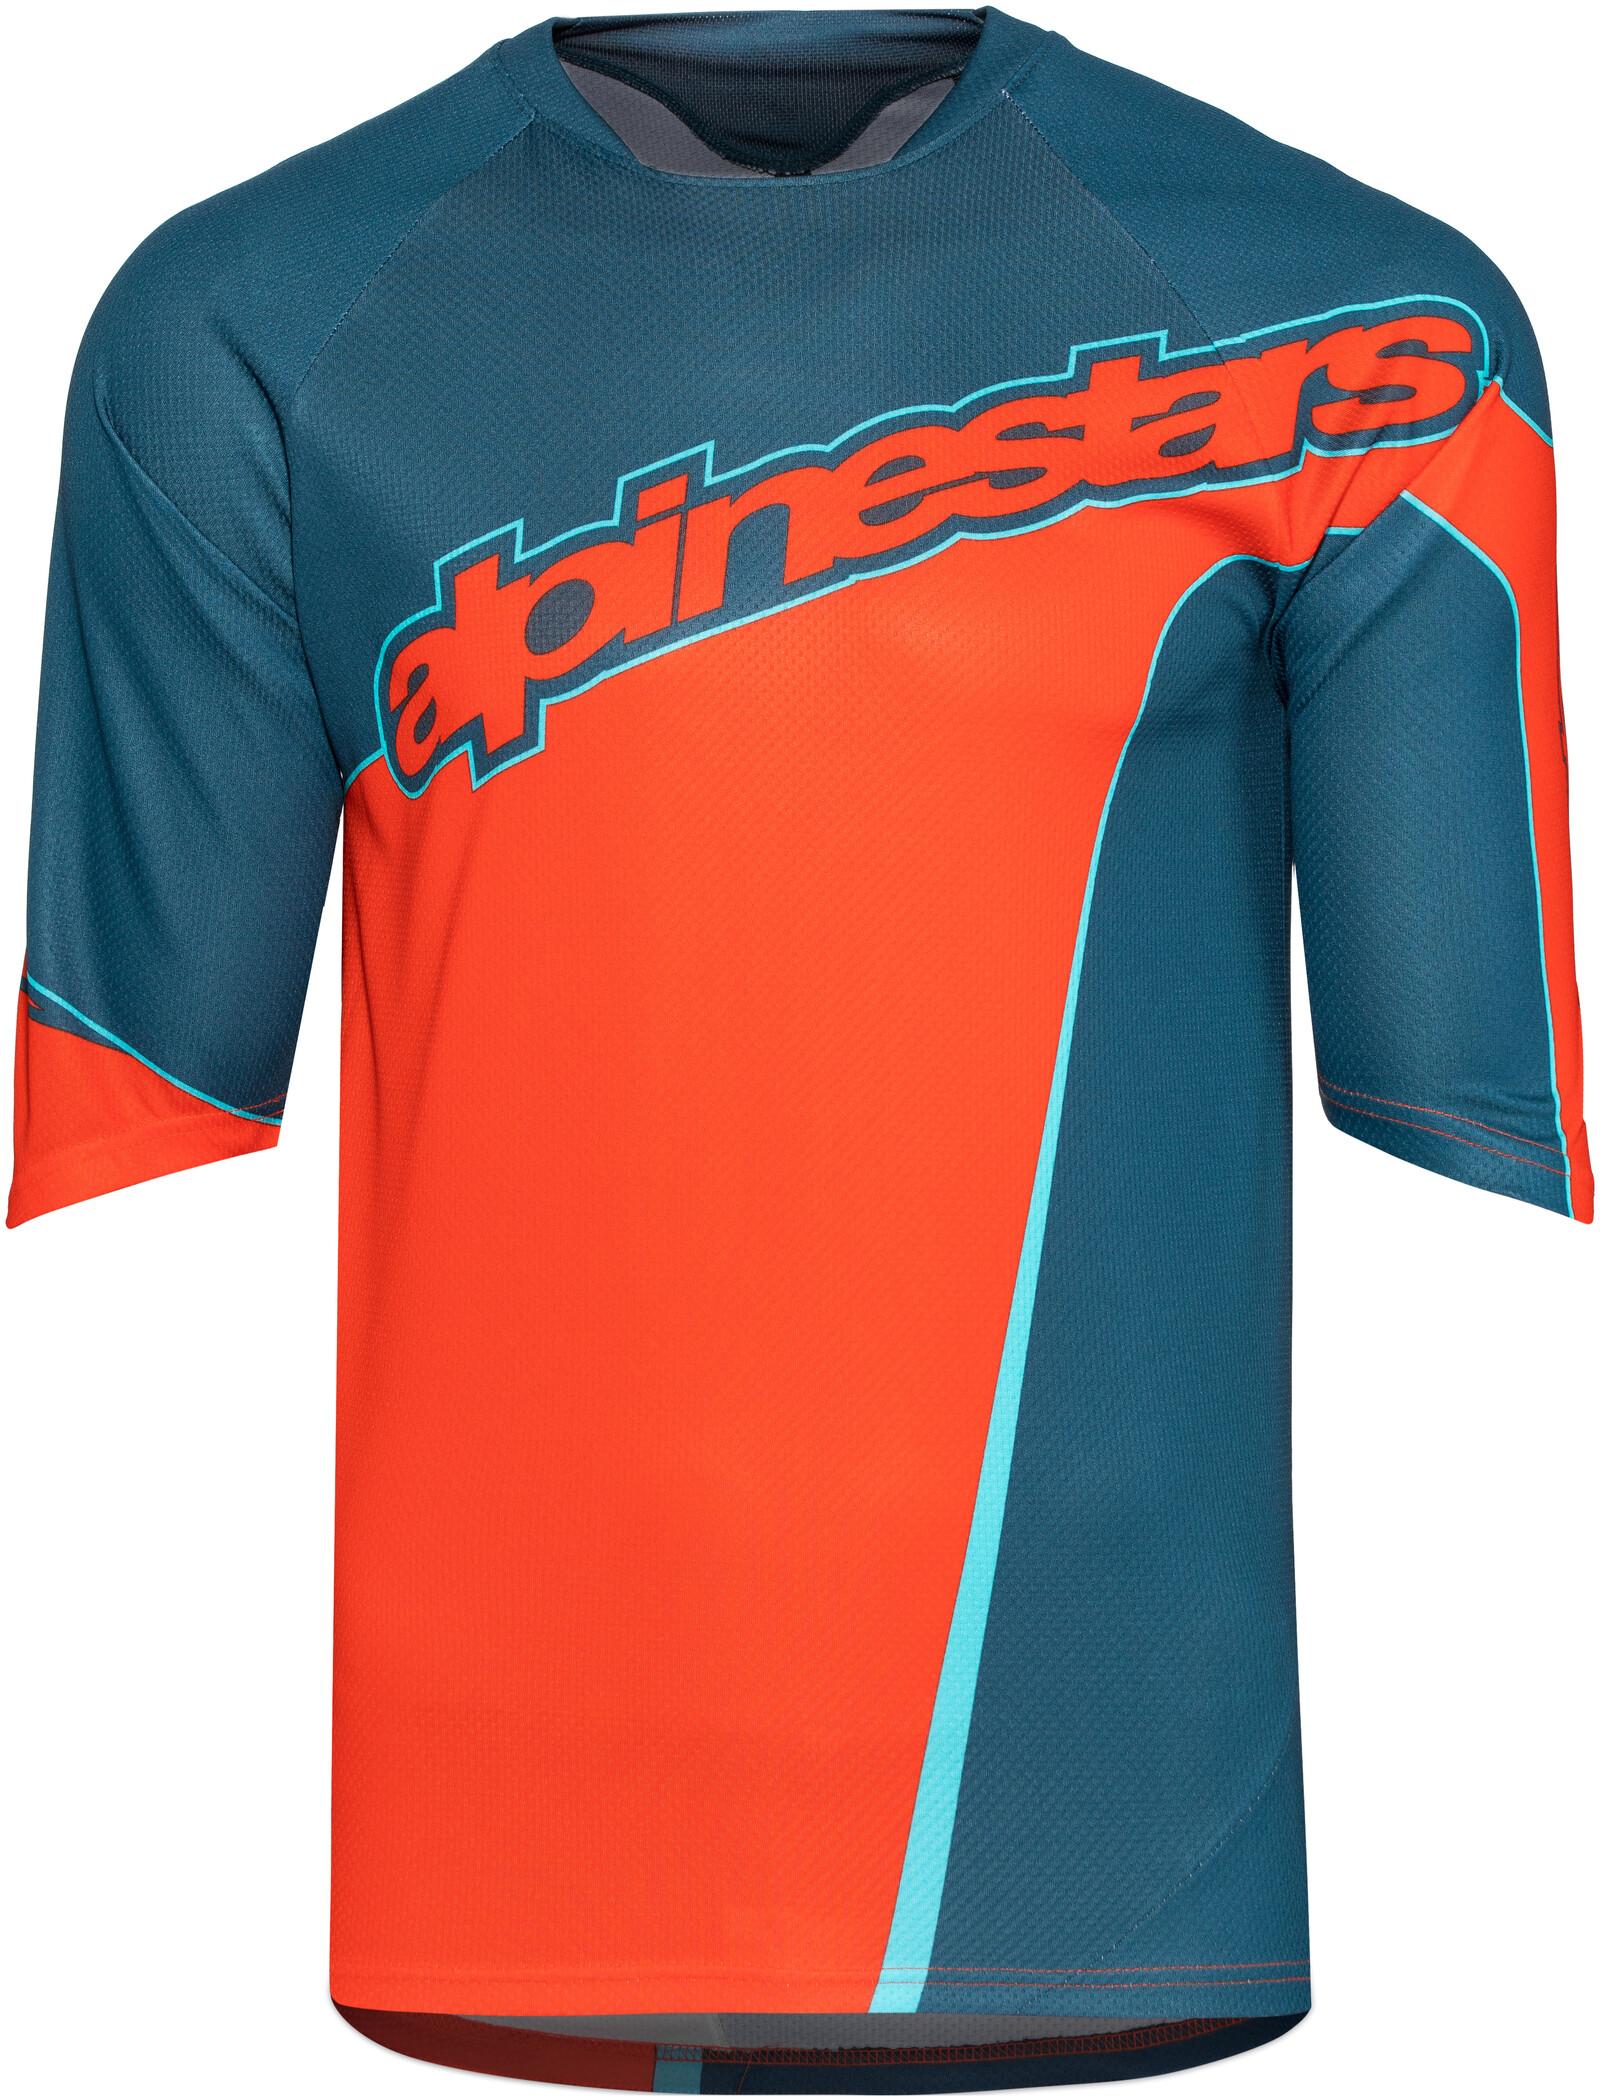 Alpinestars Crest Kortærmet cykeltrøje Herrer, poseidon blue/energy orange | Jerseys